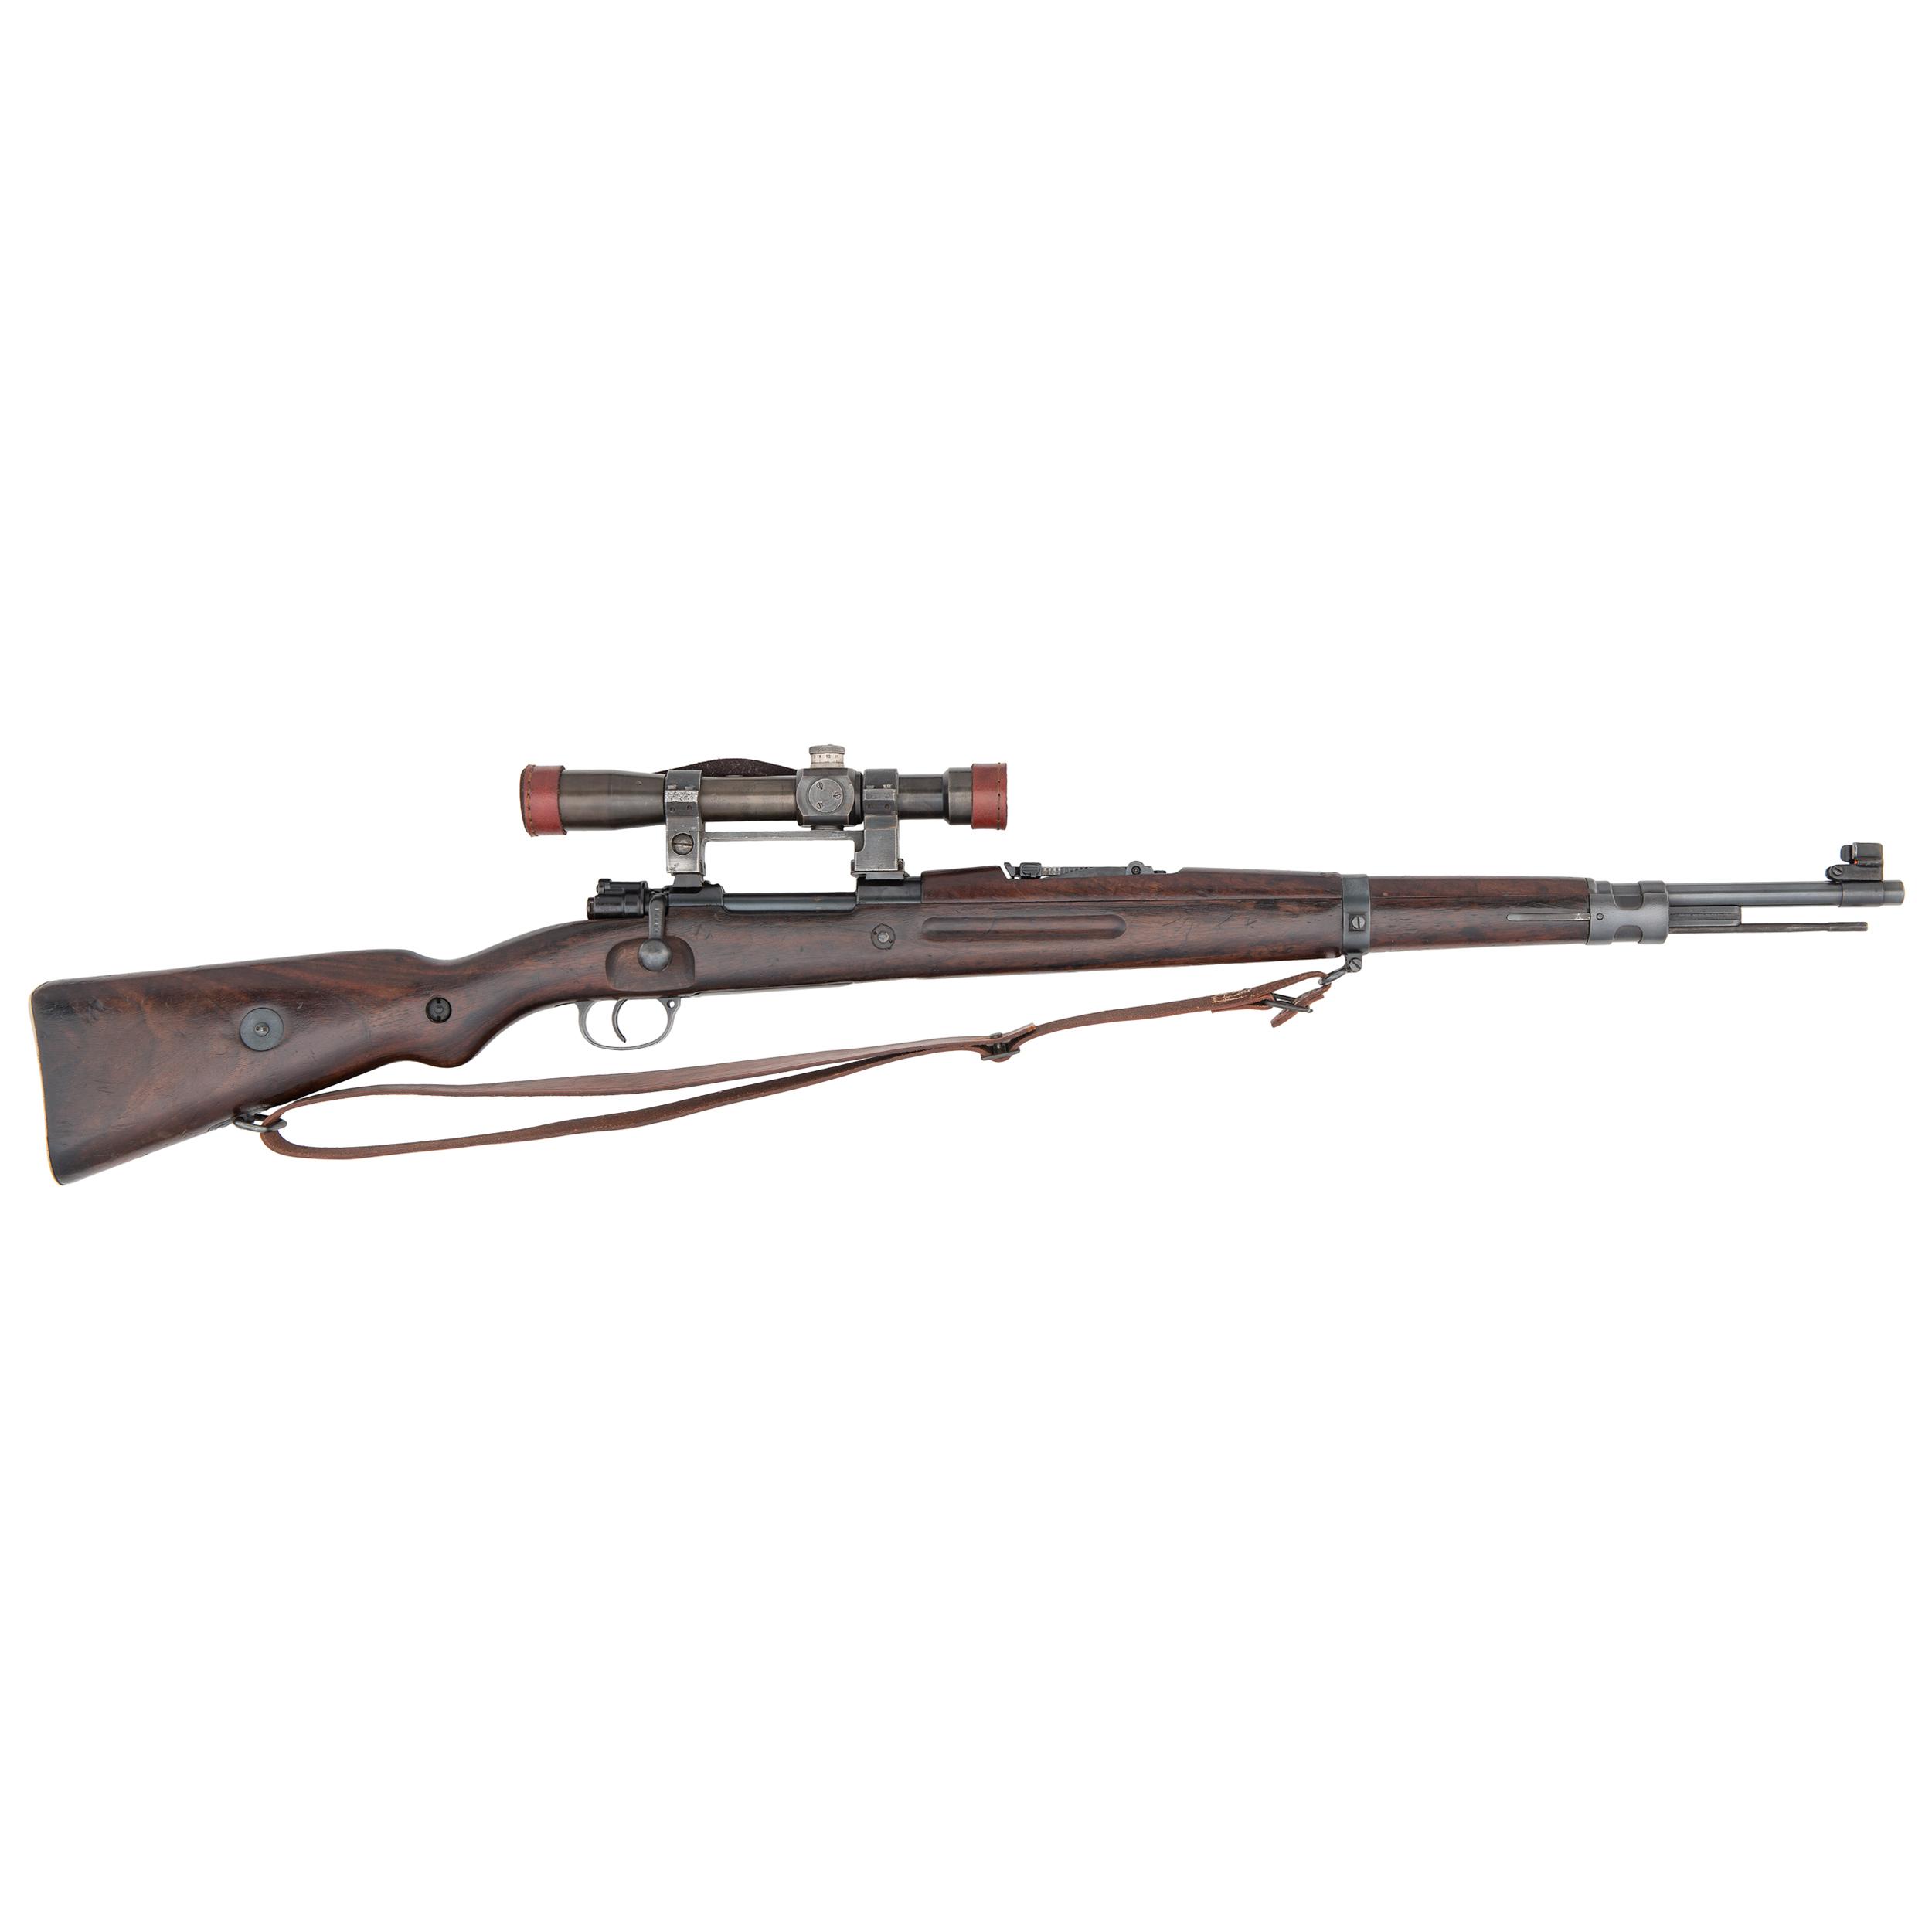 Czech VZ24 Sniper Rifle | Cowan's Auction House: The